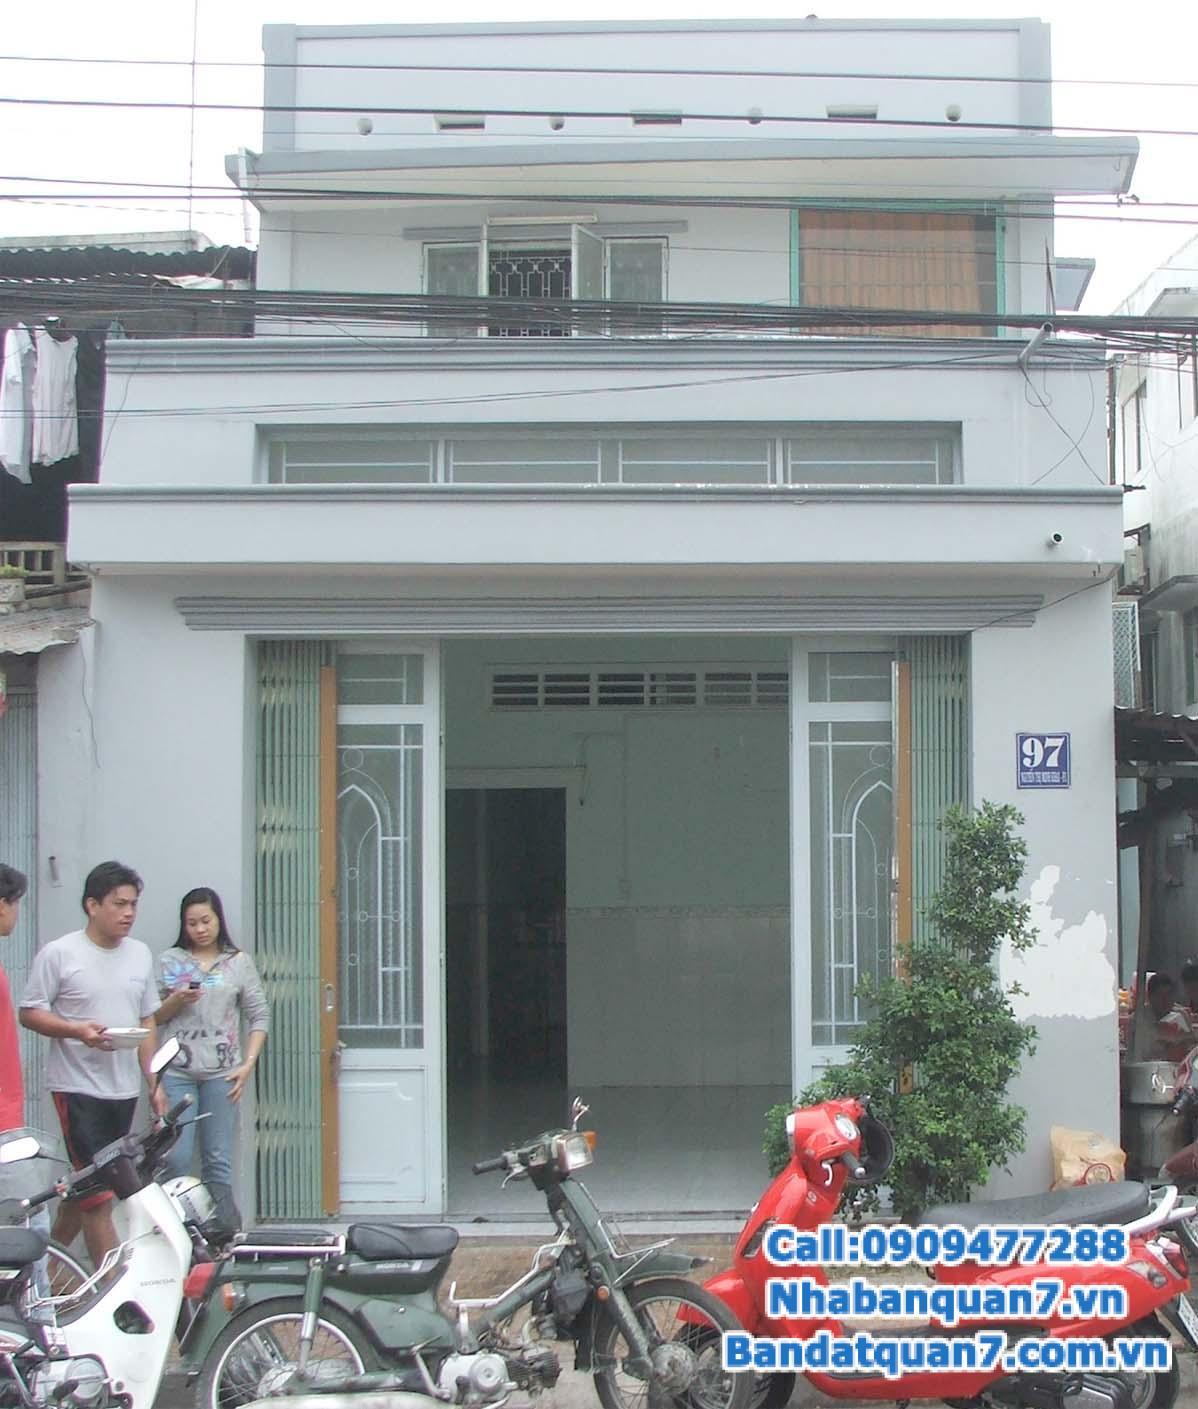 Bán gấp nhà phố khu dân cư an phú hưng phường tân phong quận 7